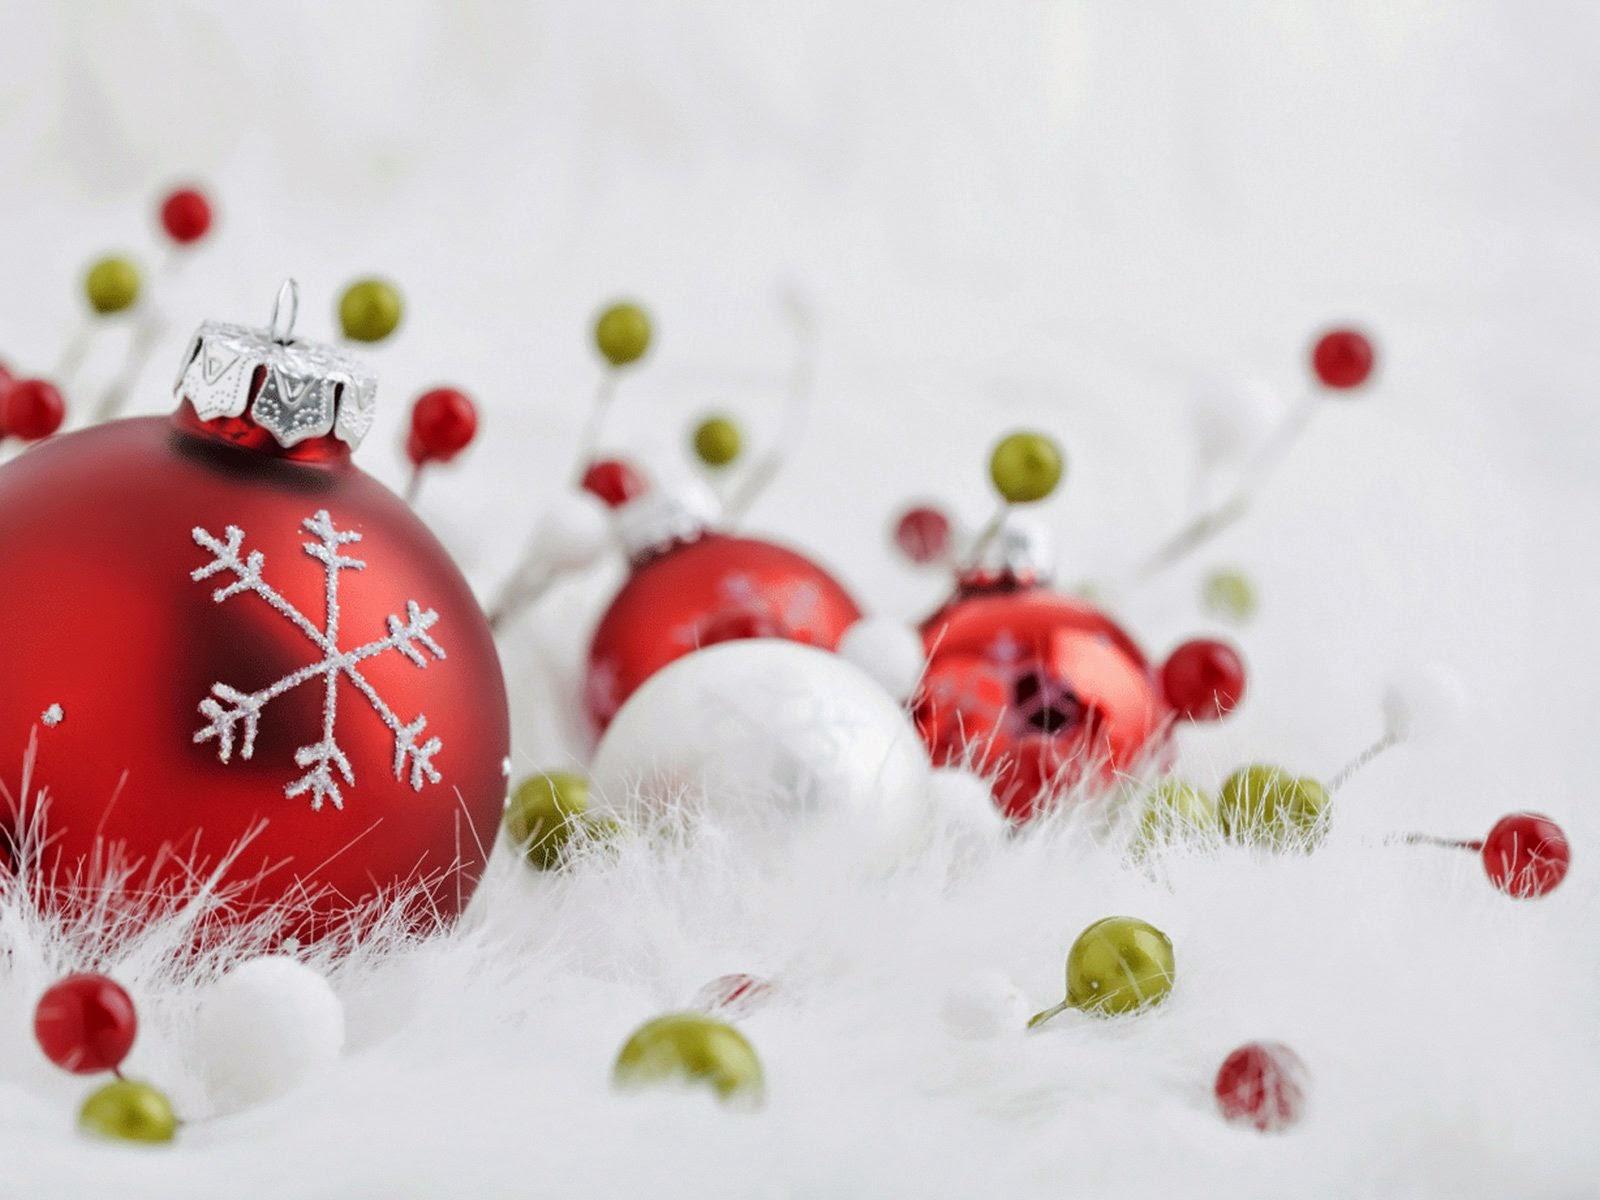 Imagenes de Navidad Con Bolas